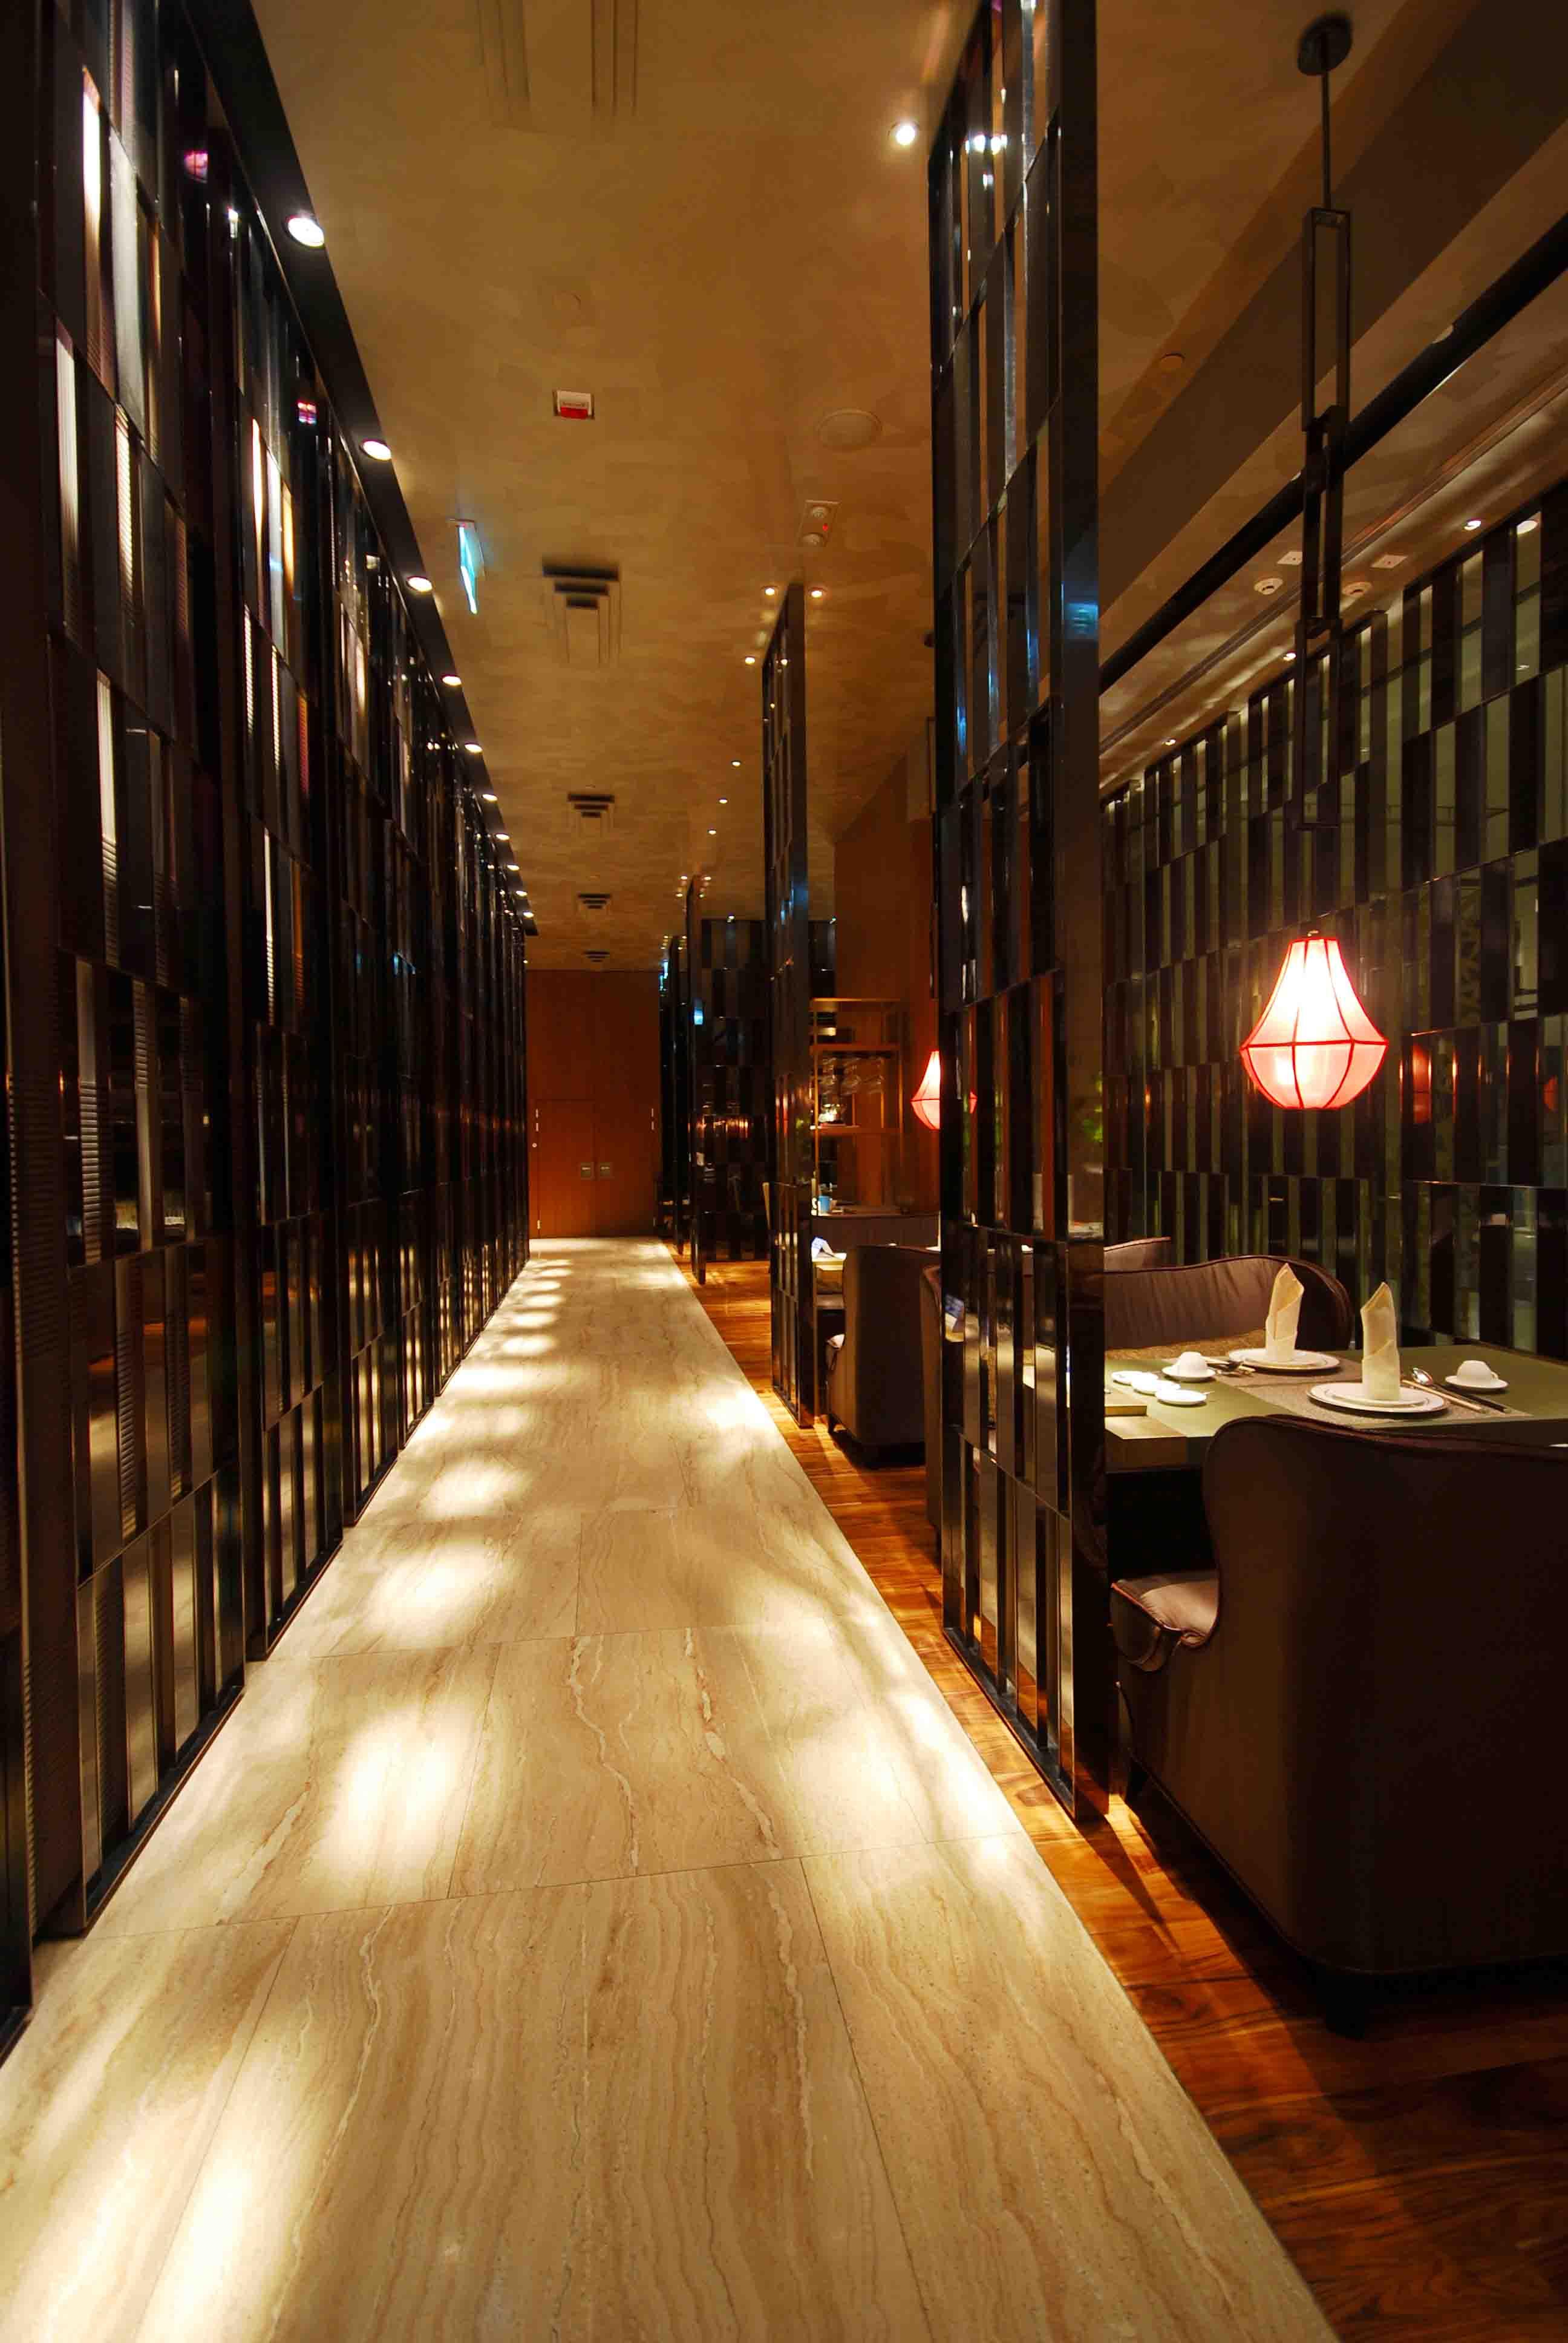 Cuisine Cuisine ifc, HK, Anlighten Design Studio, Lighting Design 10s